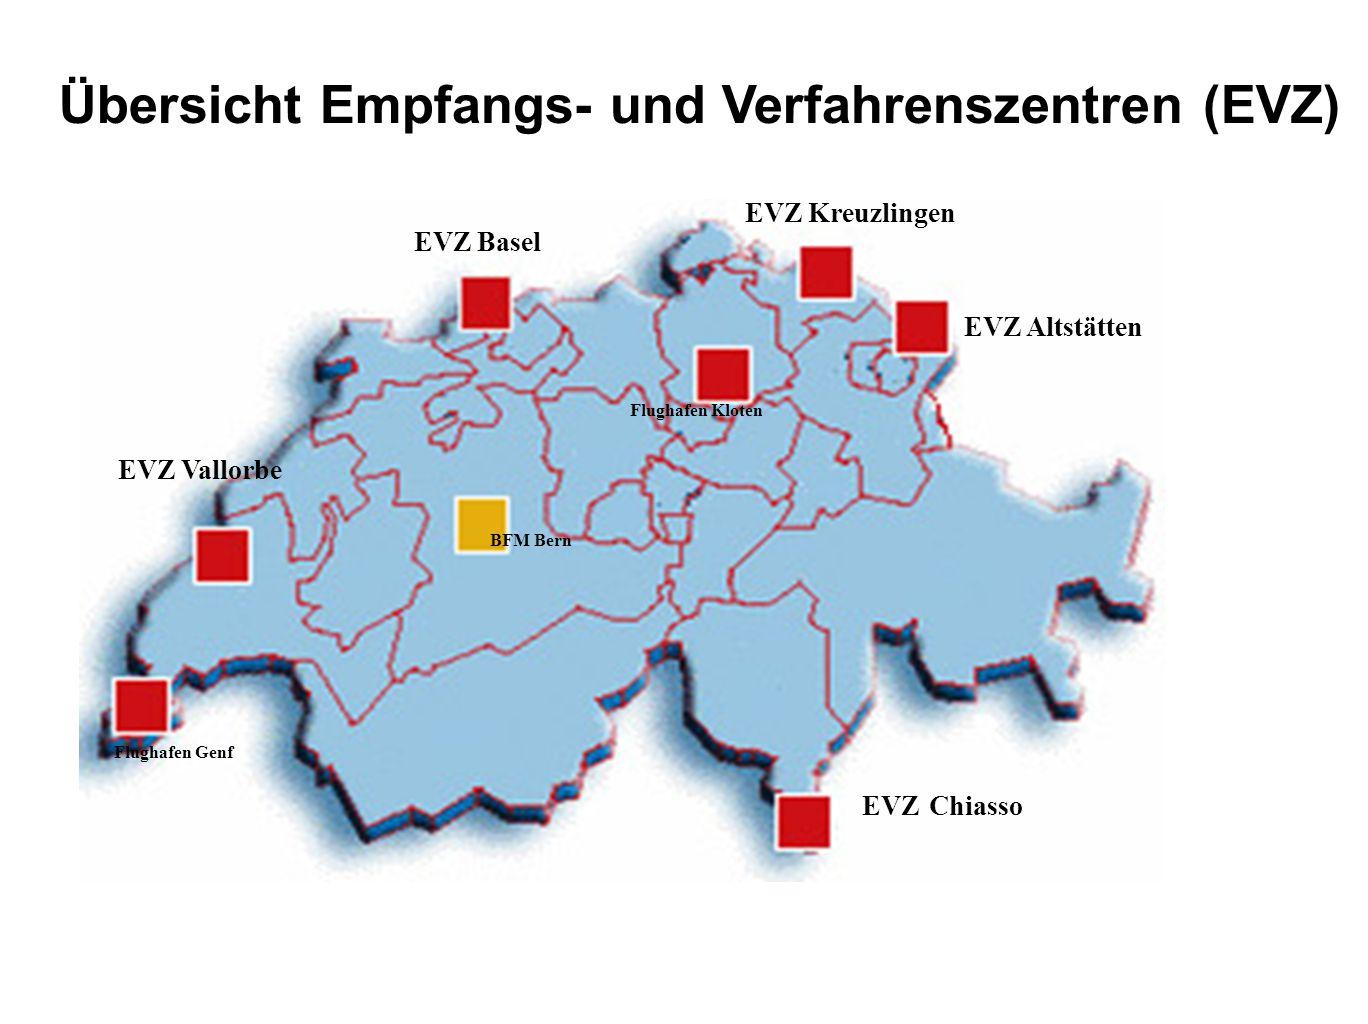 Übersicht Empfangs- und Verfahrenszentren (EVZ)